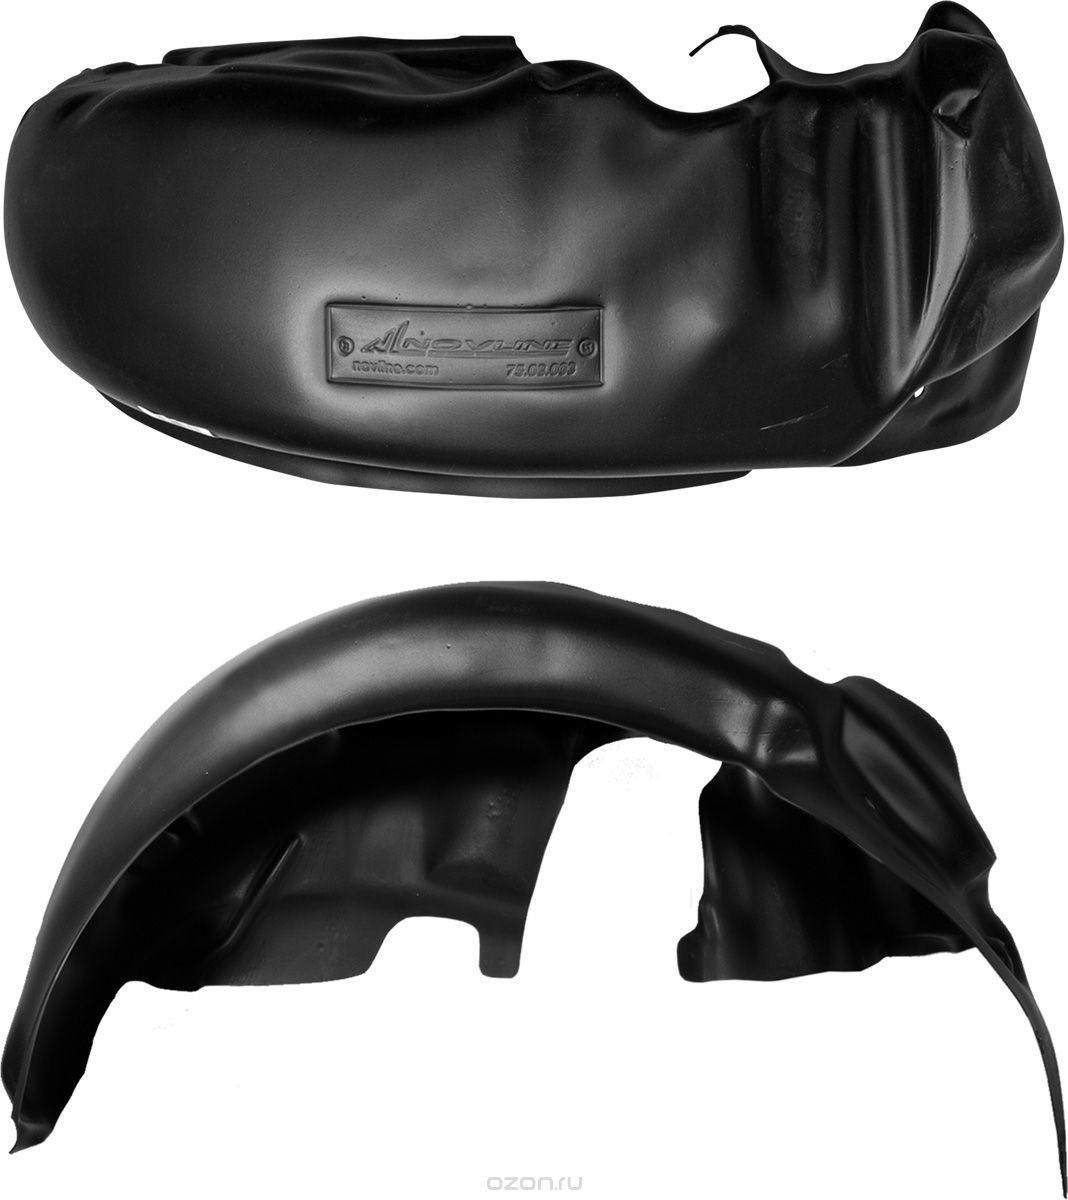 Подкрылок Novline-Autofamily, для НИВА 04/1997->, передний левый002411Идеальная защита колесной ниши. Локеры разработаны с применением цифровых технологий, гарантируют максимальную повторяемость поверхности арки. Изделия устанавливаются без нарушения лакокрасочного покрытия автомобиля, каждый подкрылок комплектуется крепежом. Уважаемые клиенты, обращаем ваше внимание, что фотографии на подкрылки универсальные и не отражают реальную форму изделия. При этом само изделие идет точно под размер указанного автомобиля.